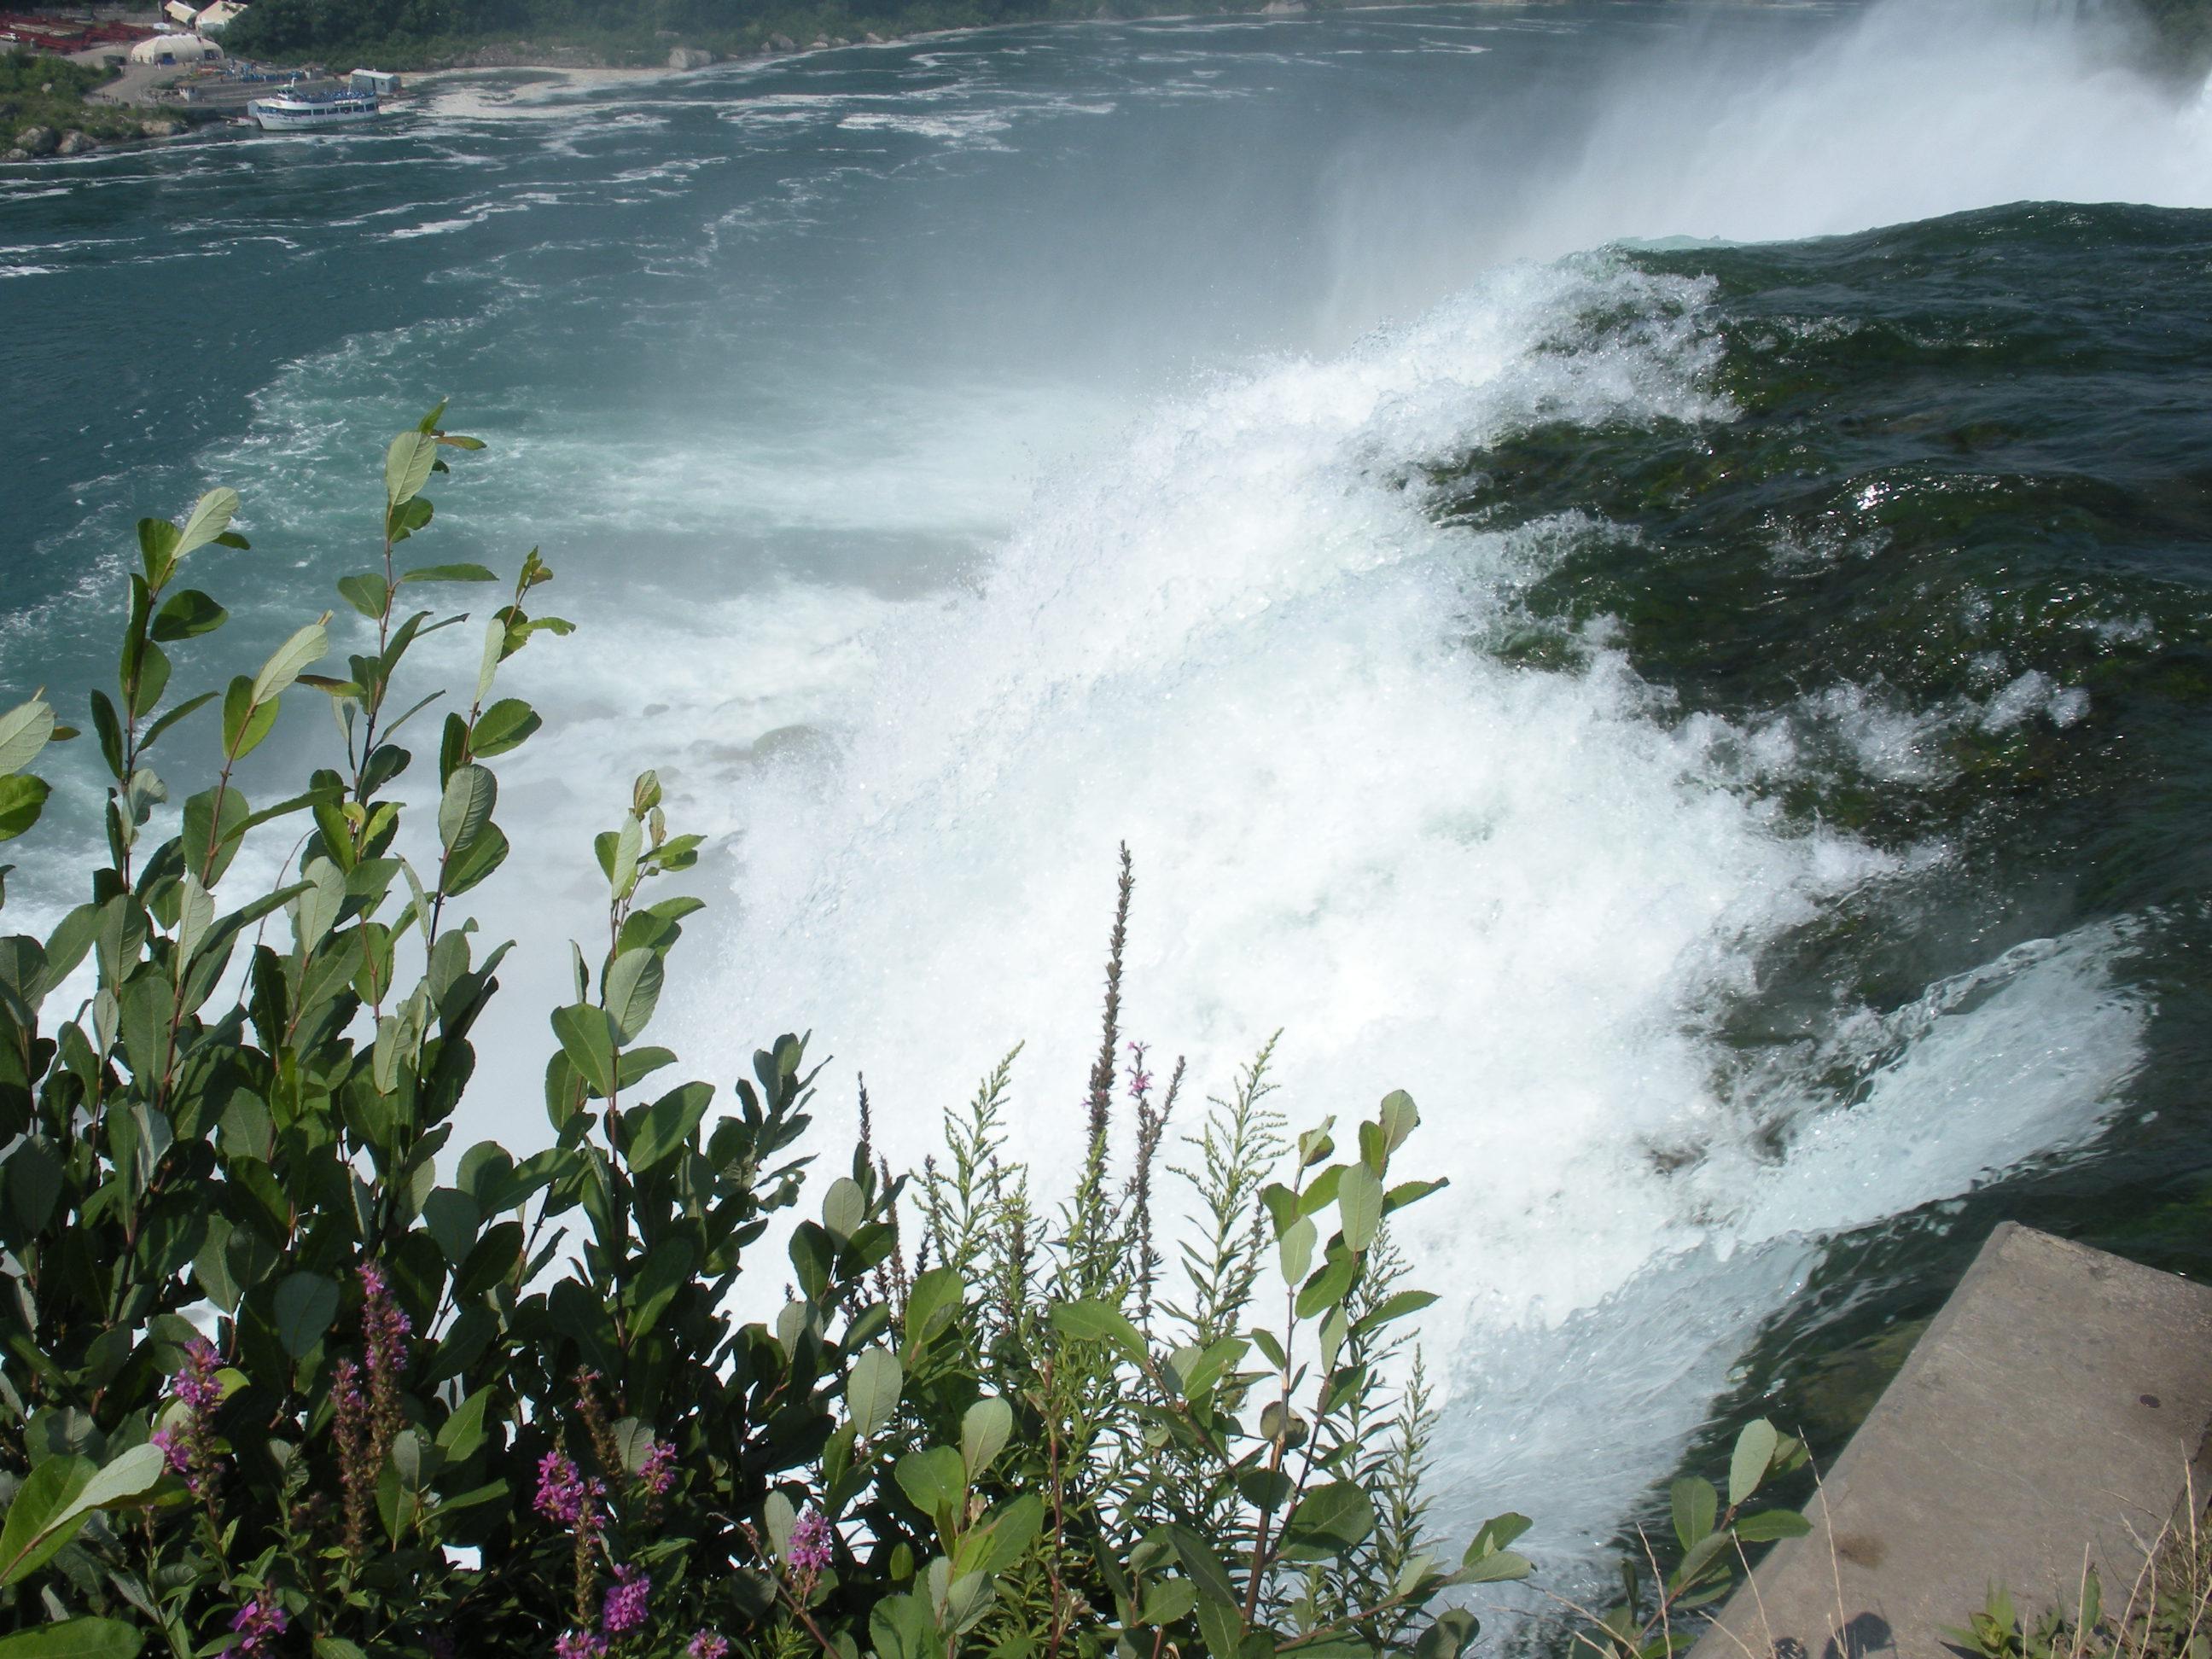 DSCN2849 waterfall